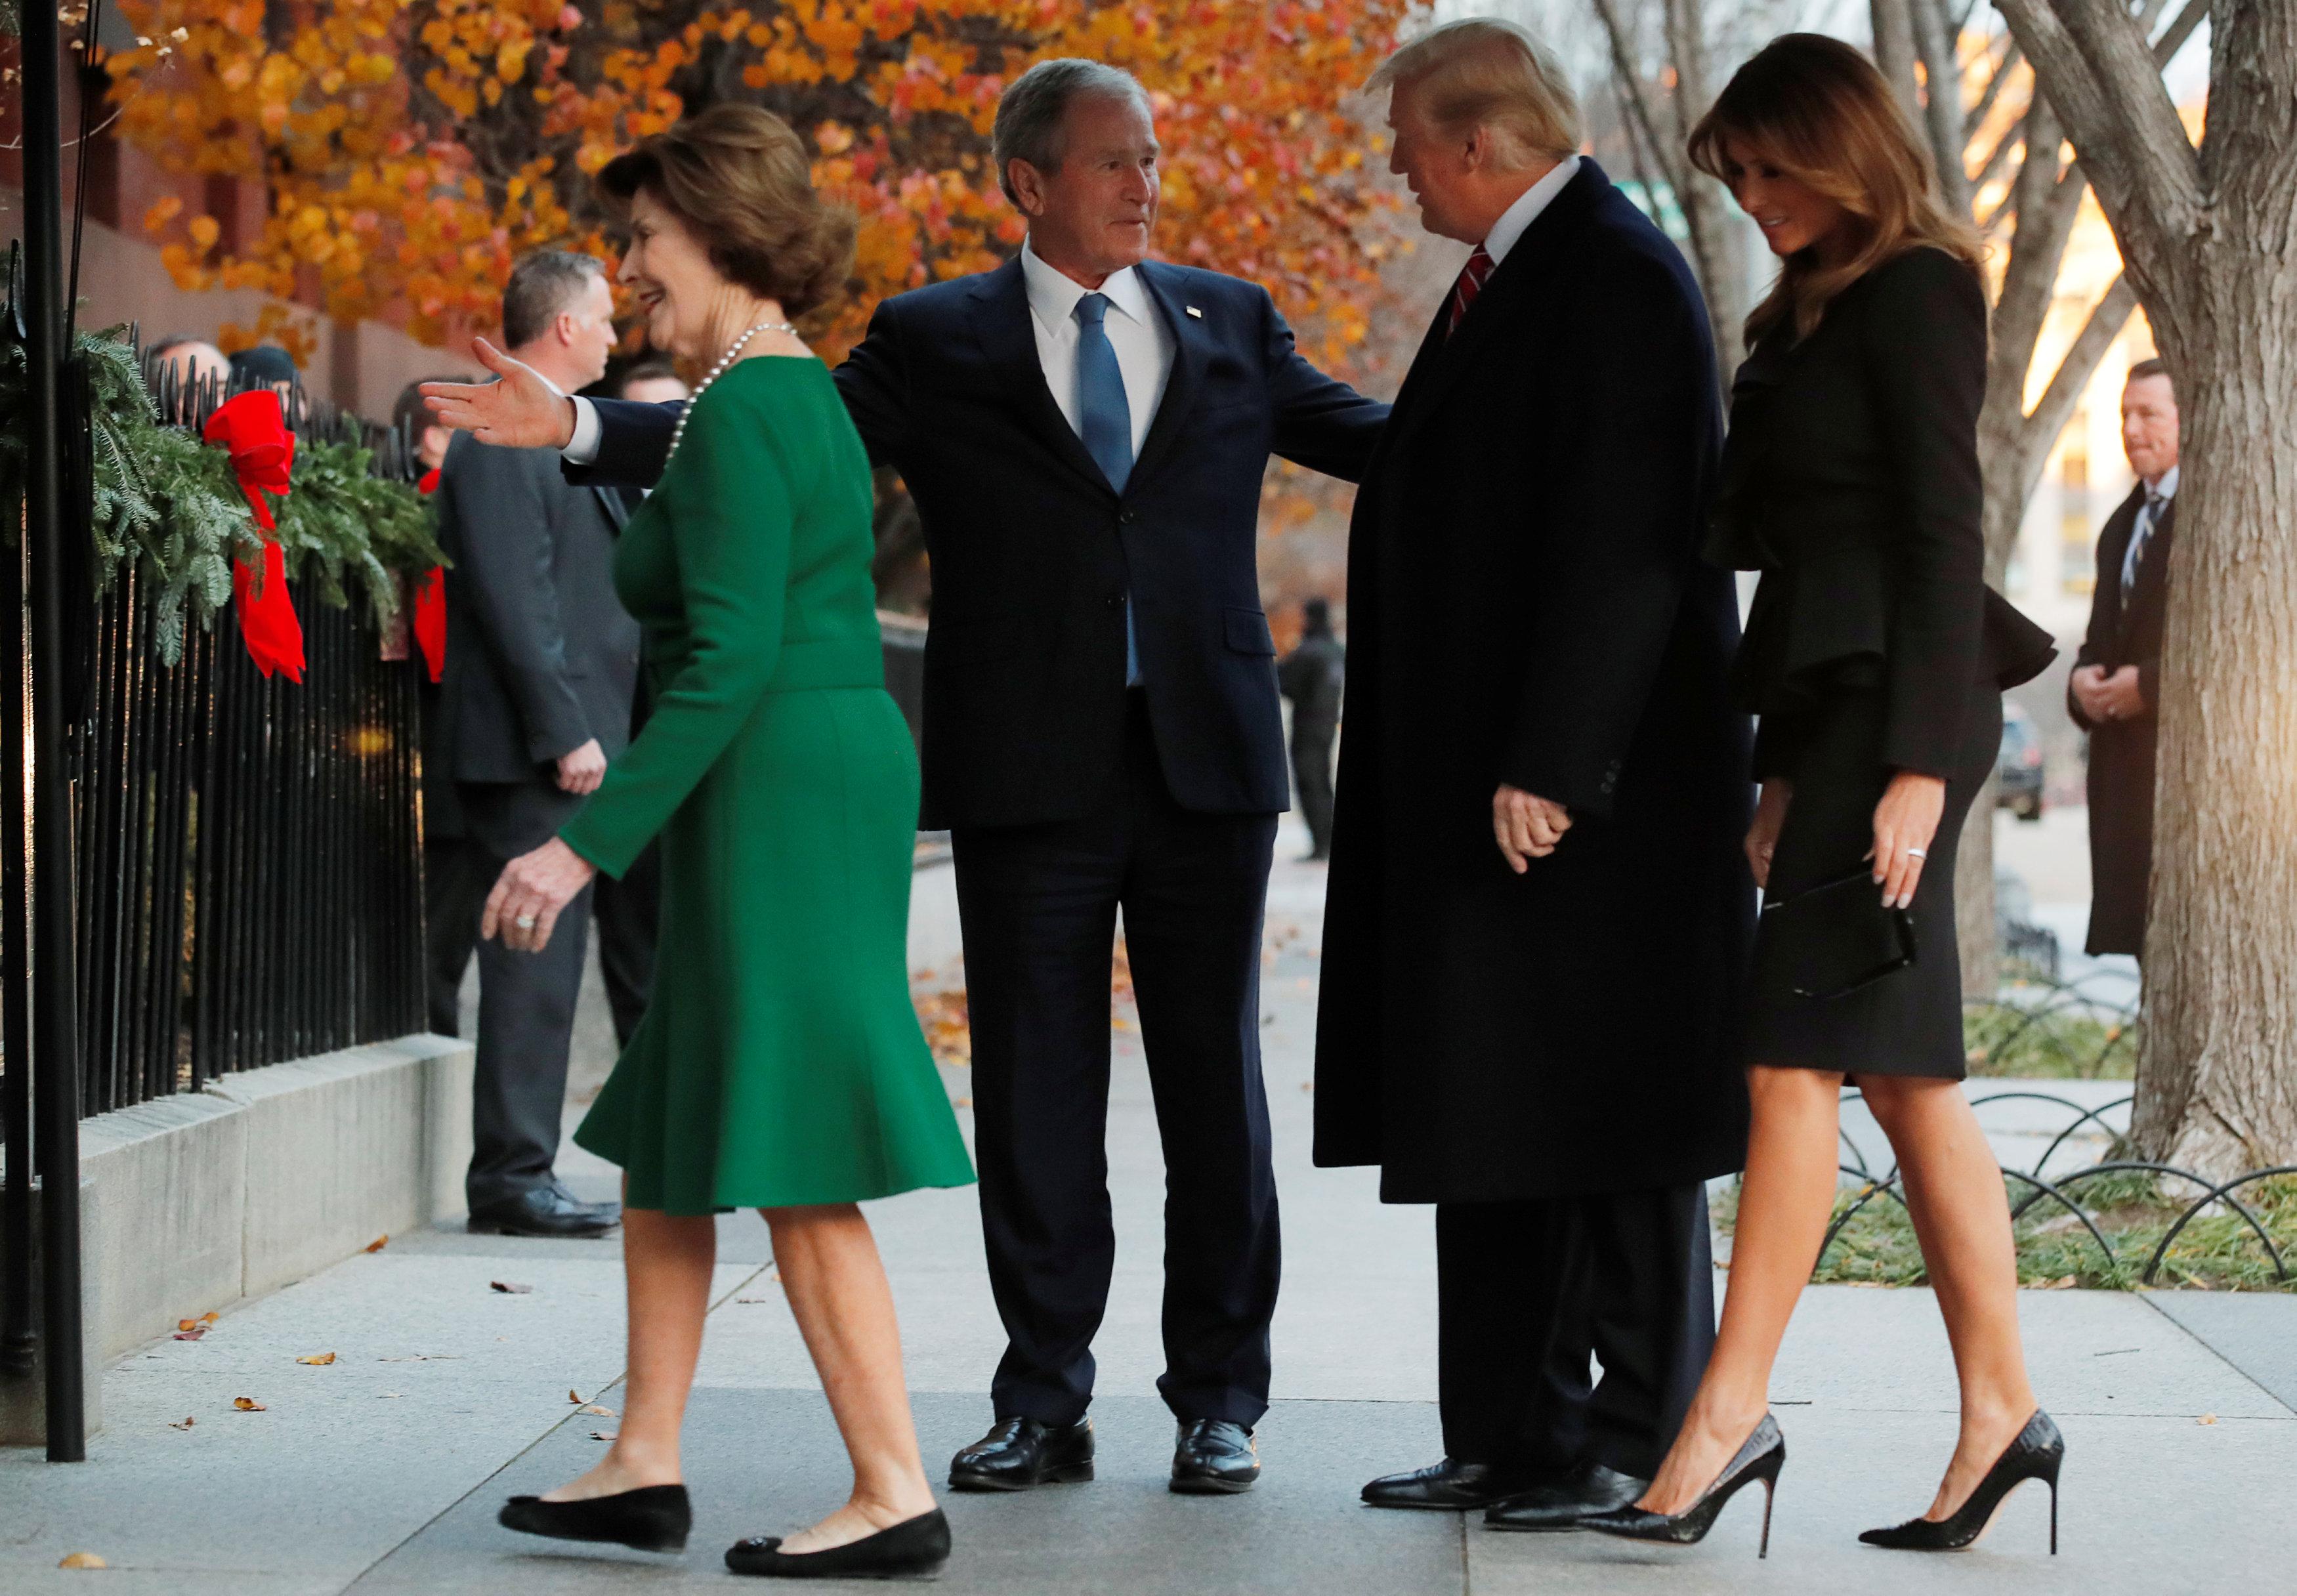 ترحيب أسرة جورج بوش بالرئيس الأمريكى وقرينته